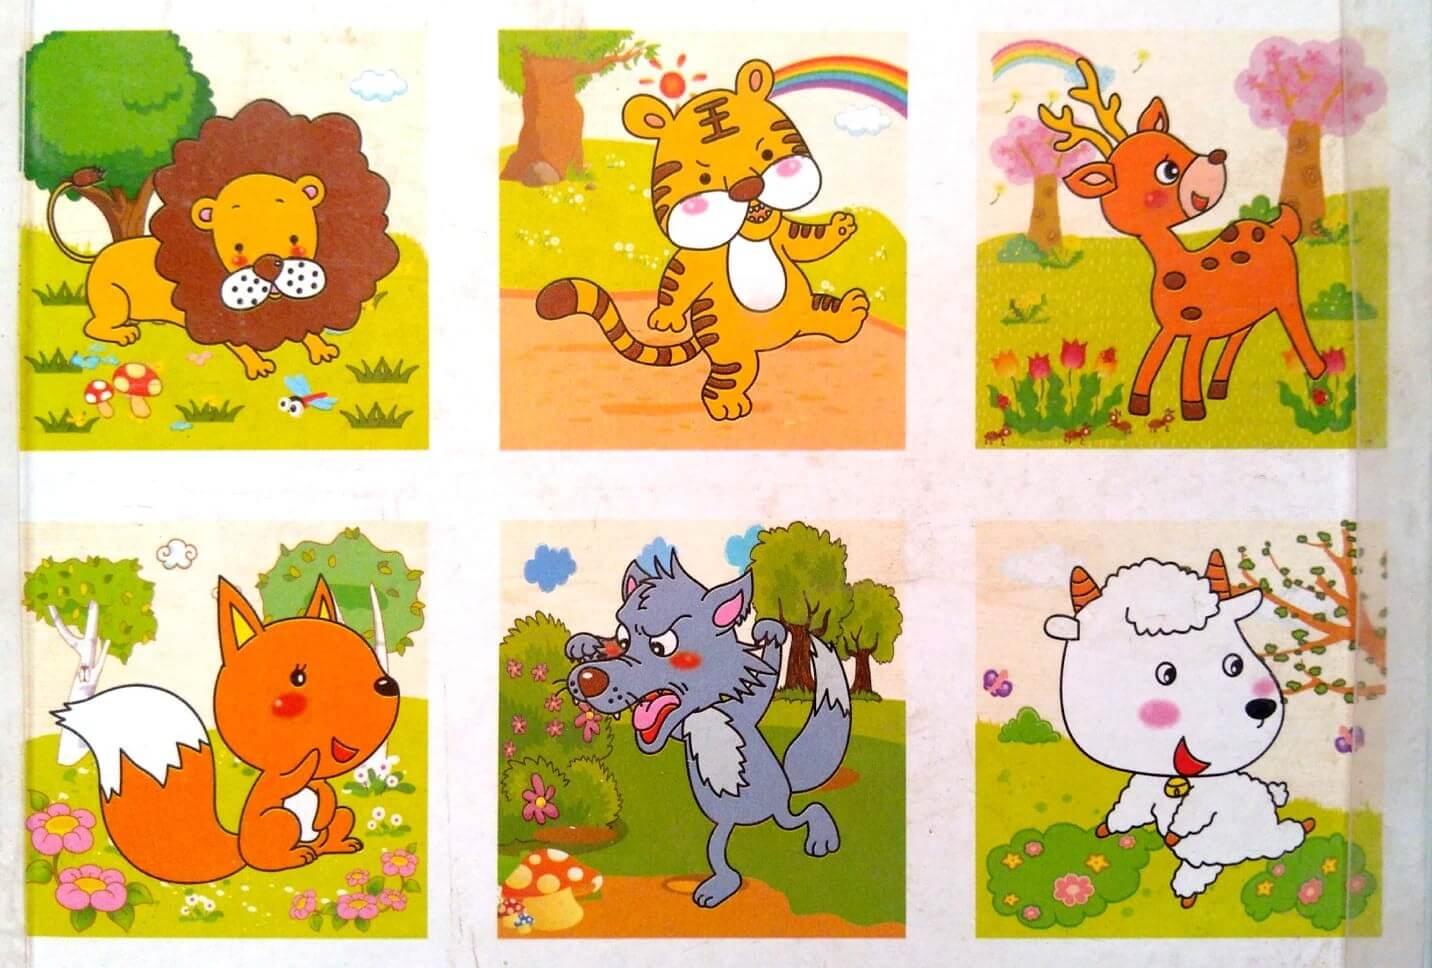 بازل خشبى 9 قطع مكعبات يكون 6 أشكال حيوانات مختلفة